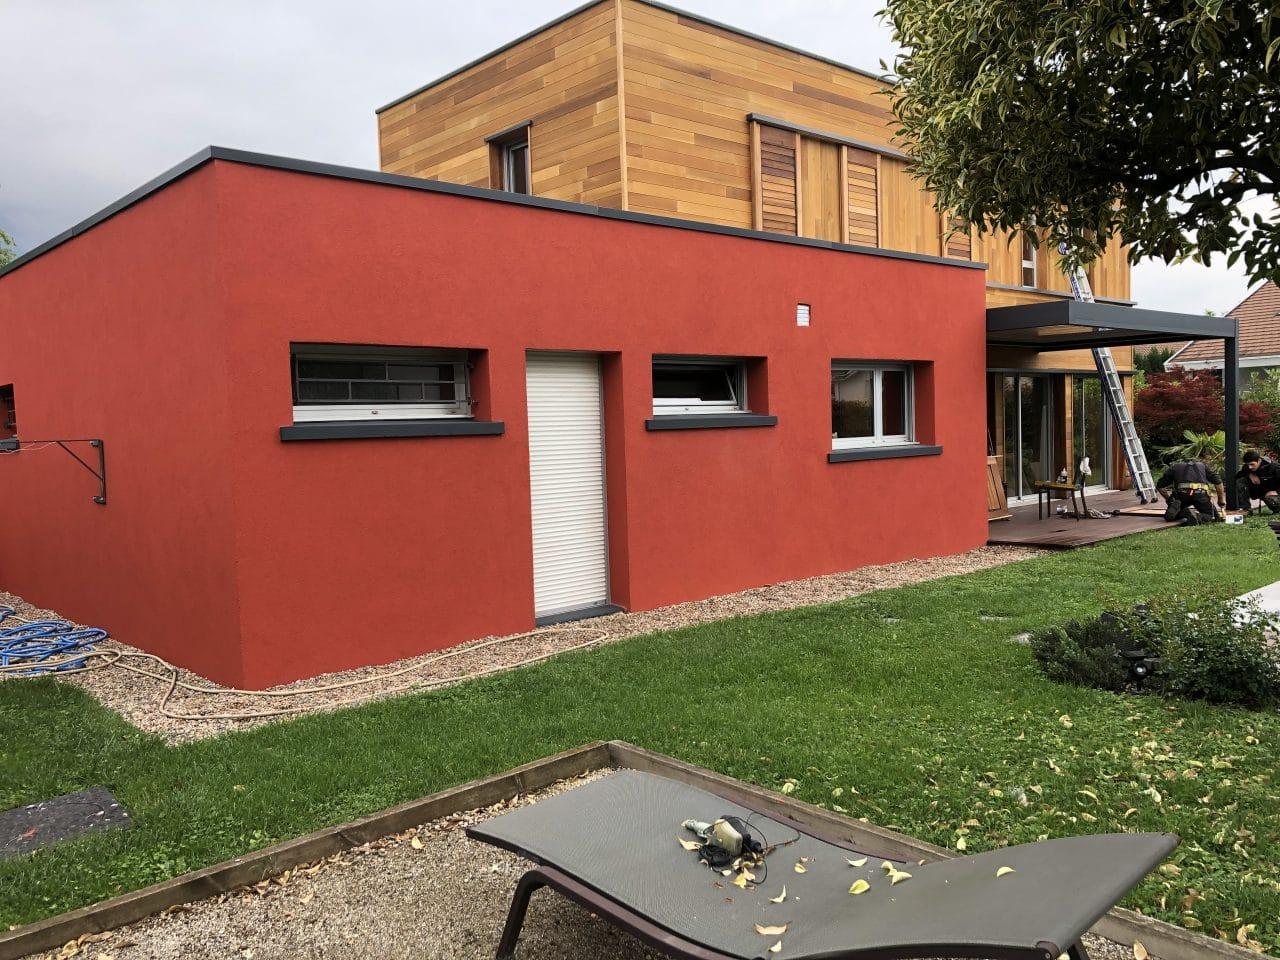 rénovation façade maison toit plat crépi pergola bioclimatique lame orientable Grenoble